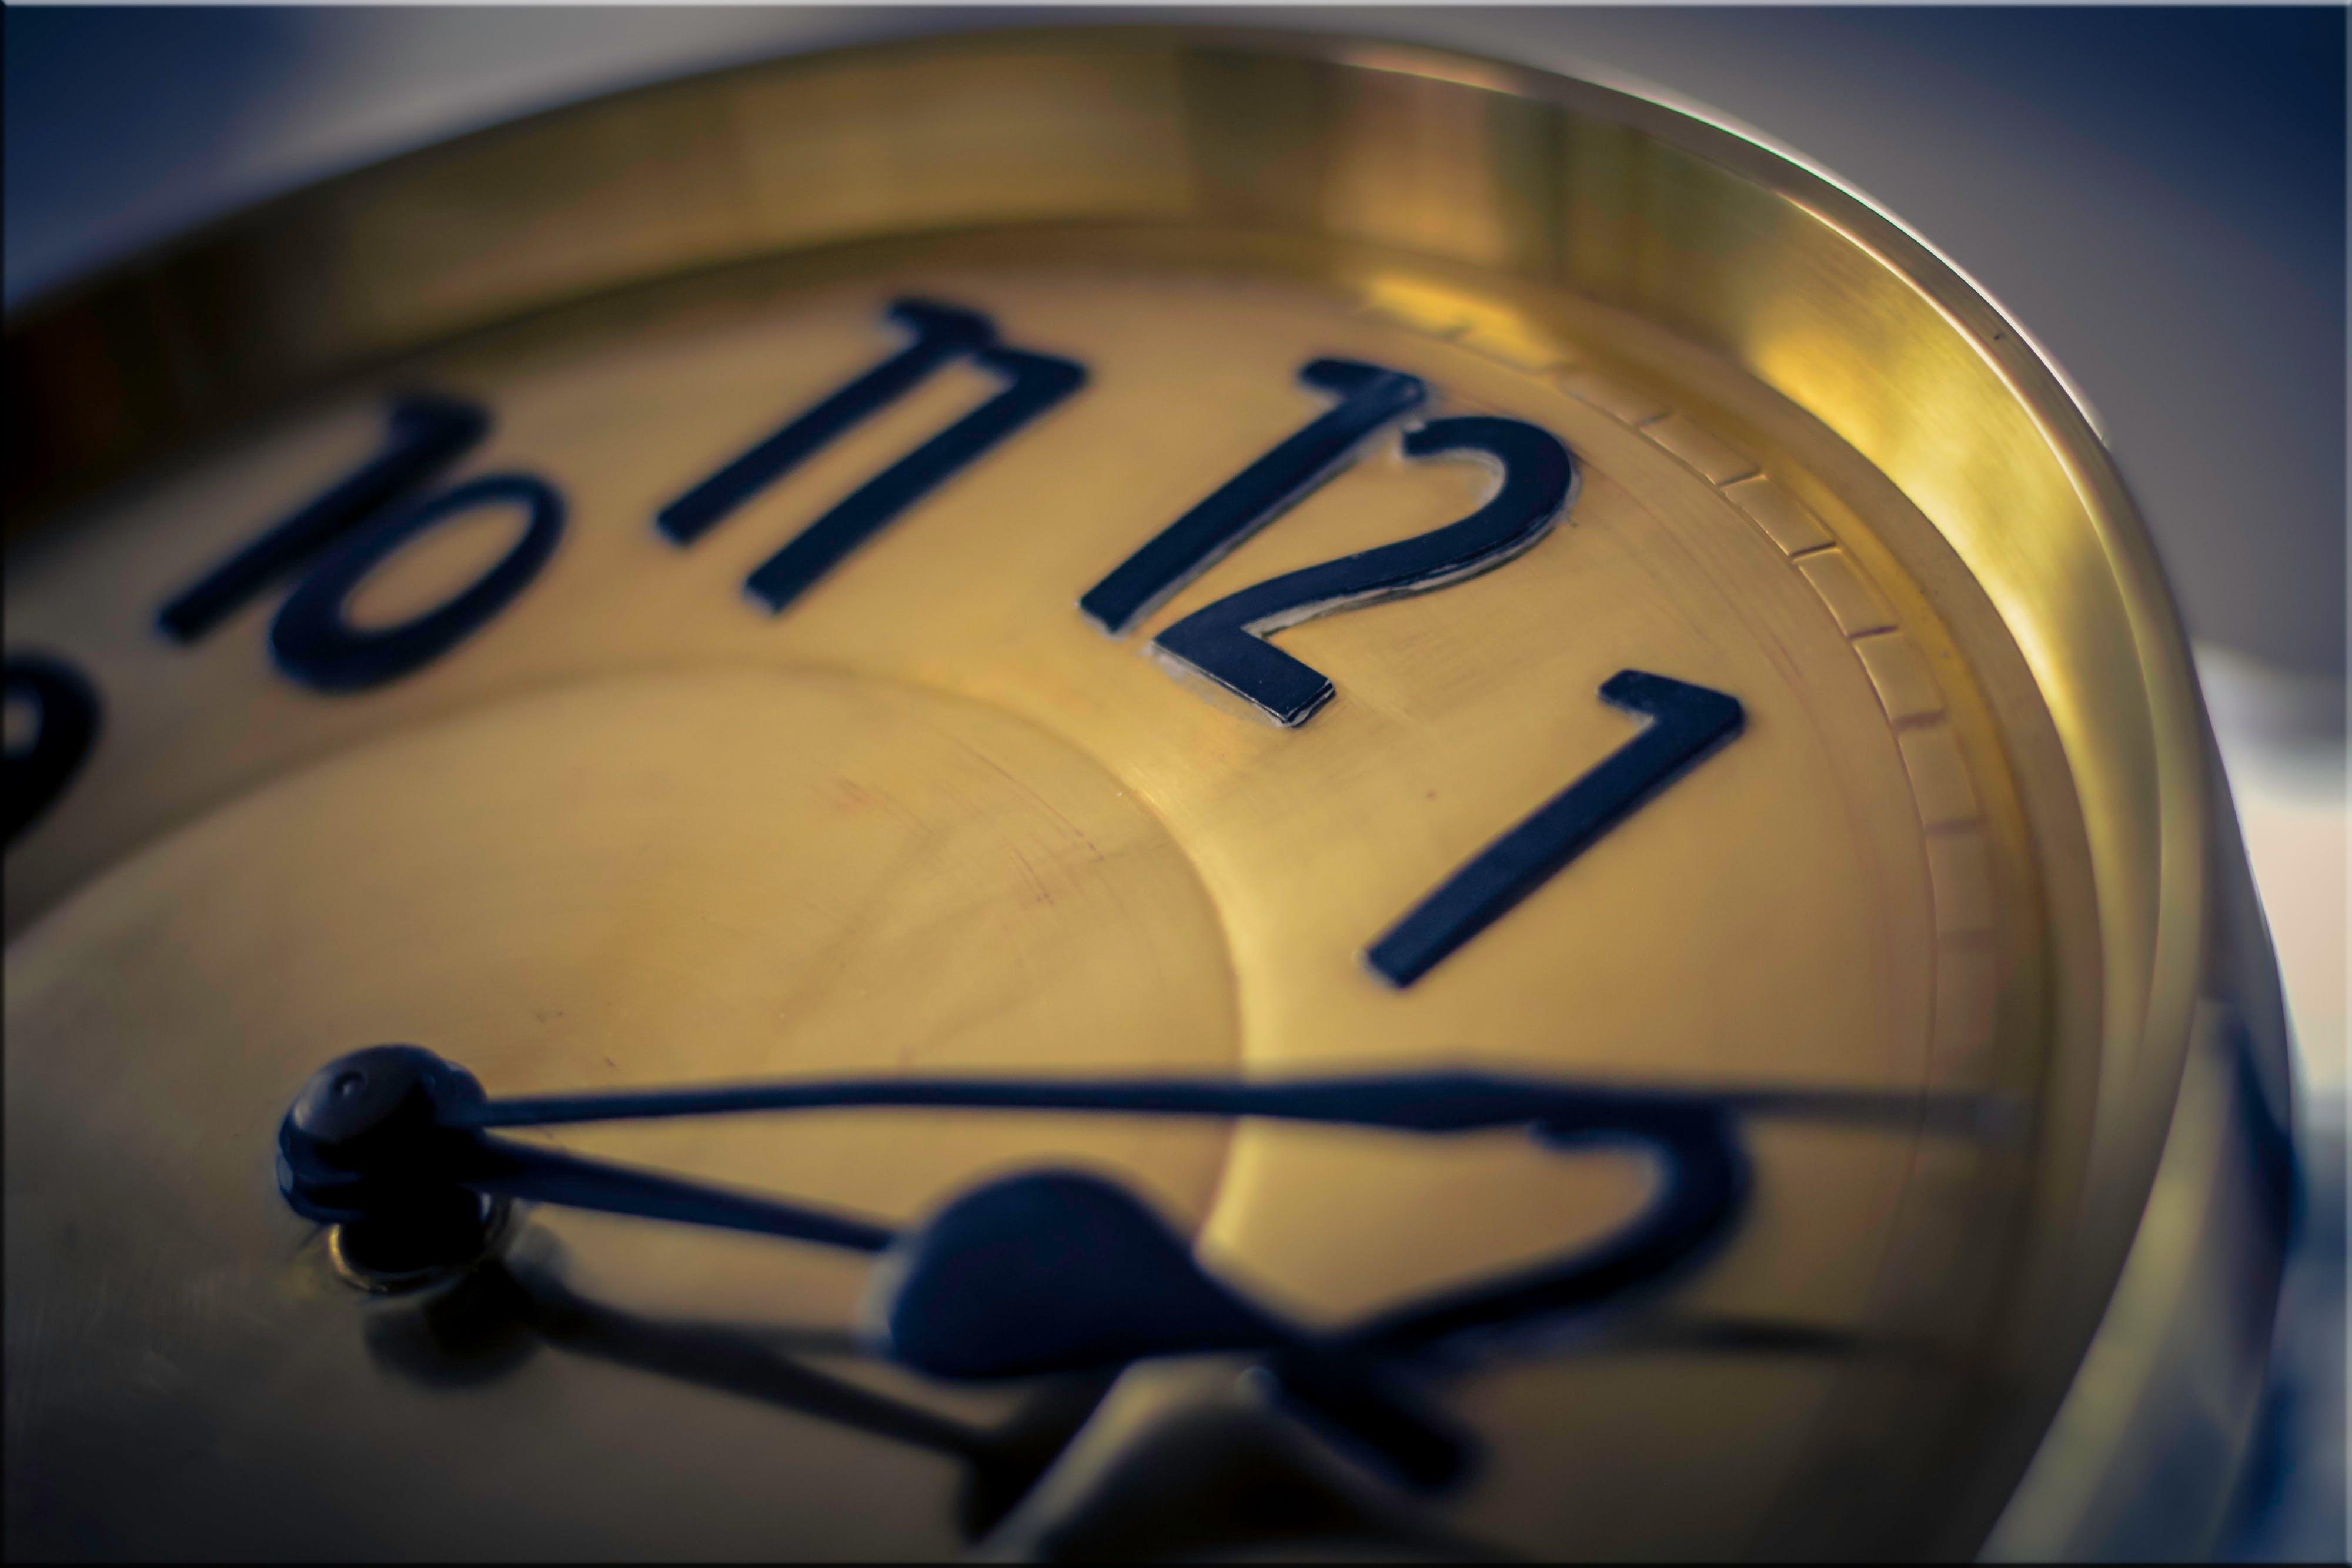 alarm clock, Analogue, blur